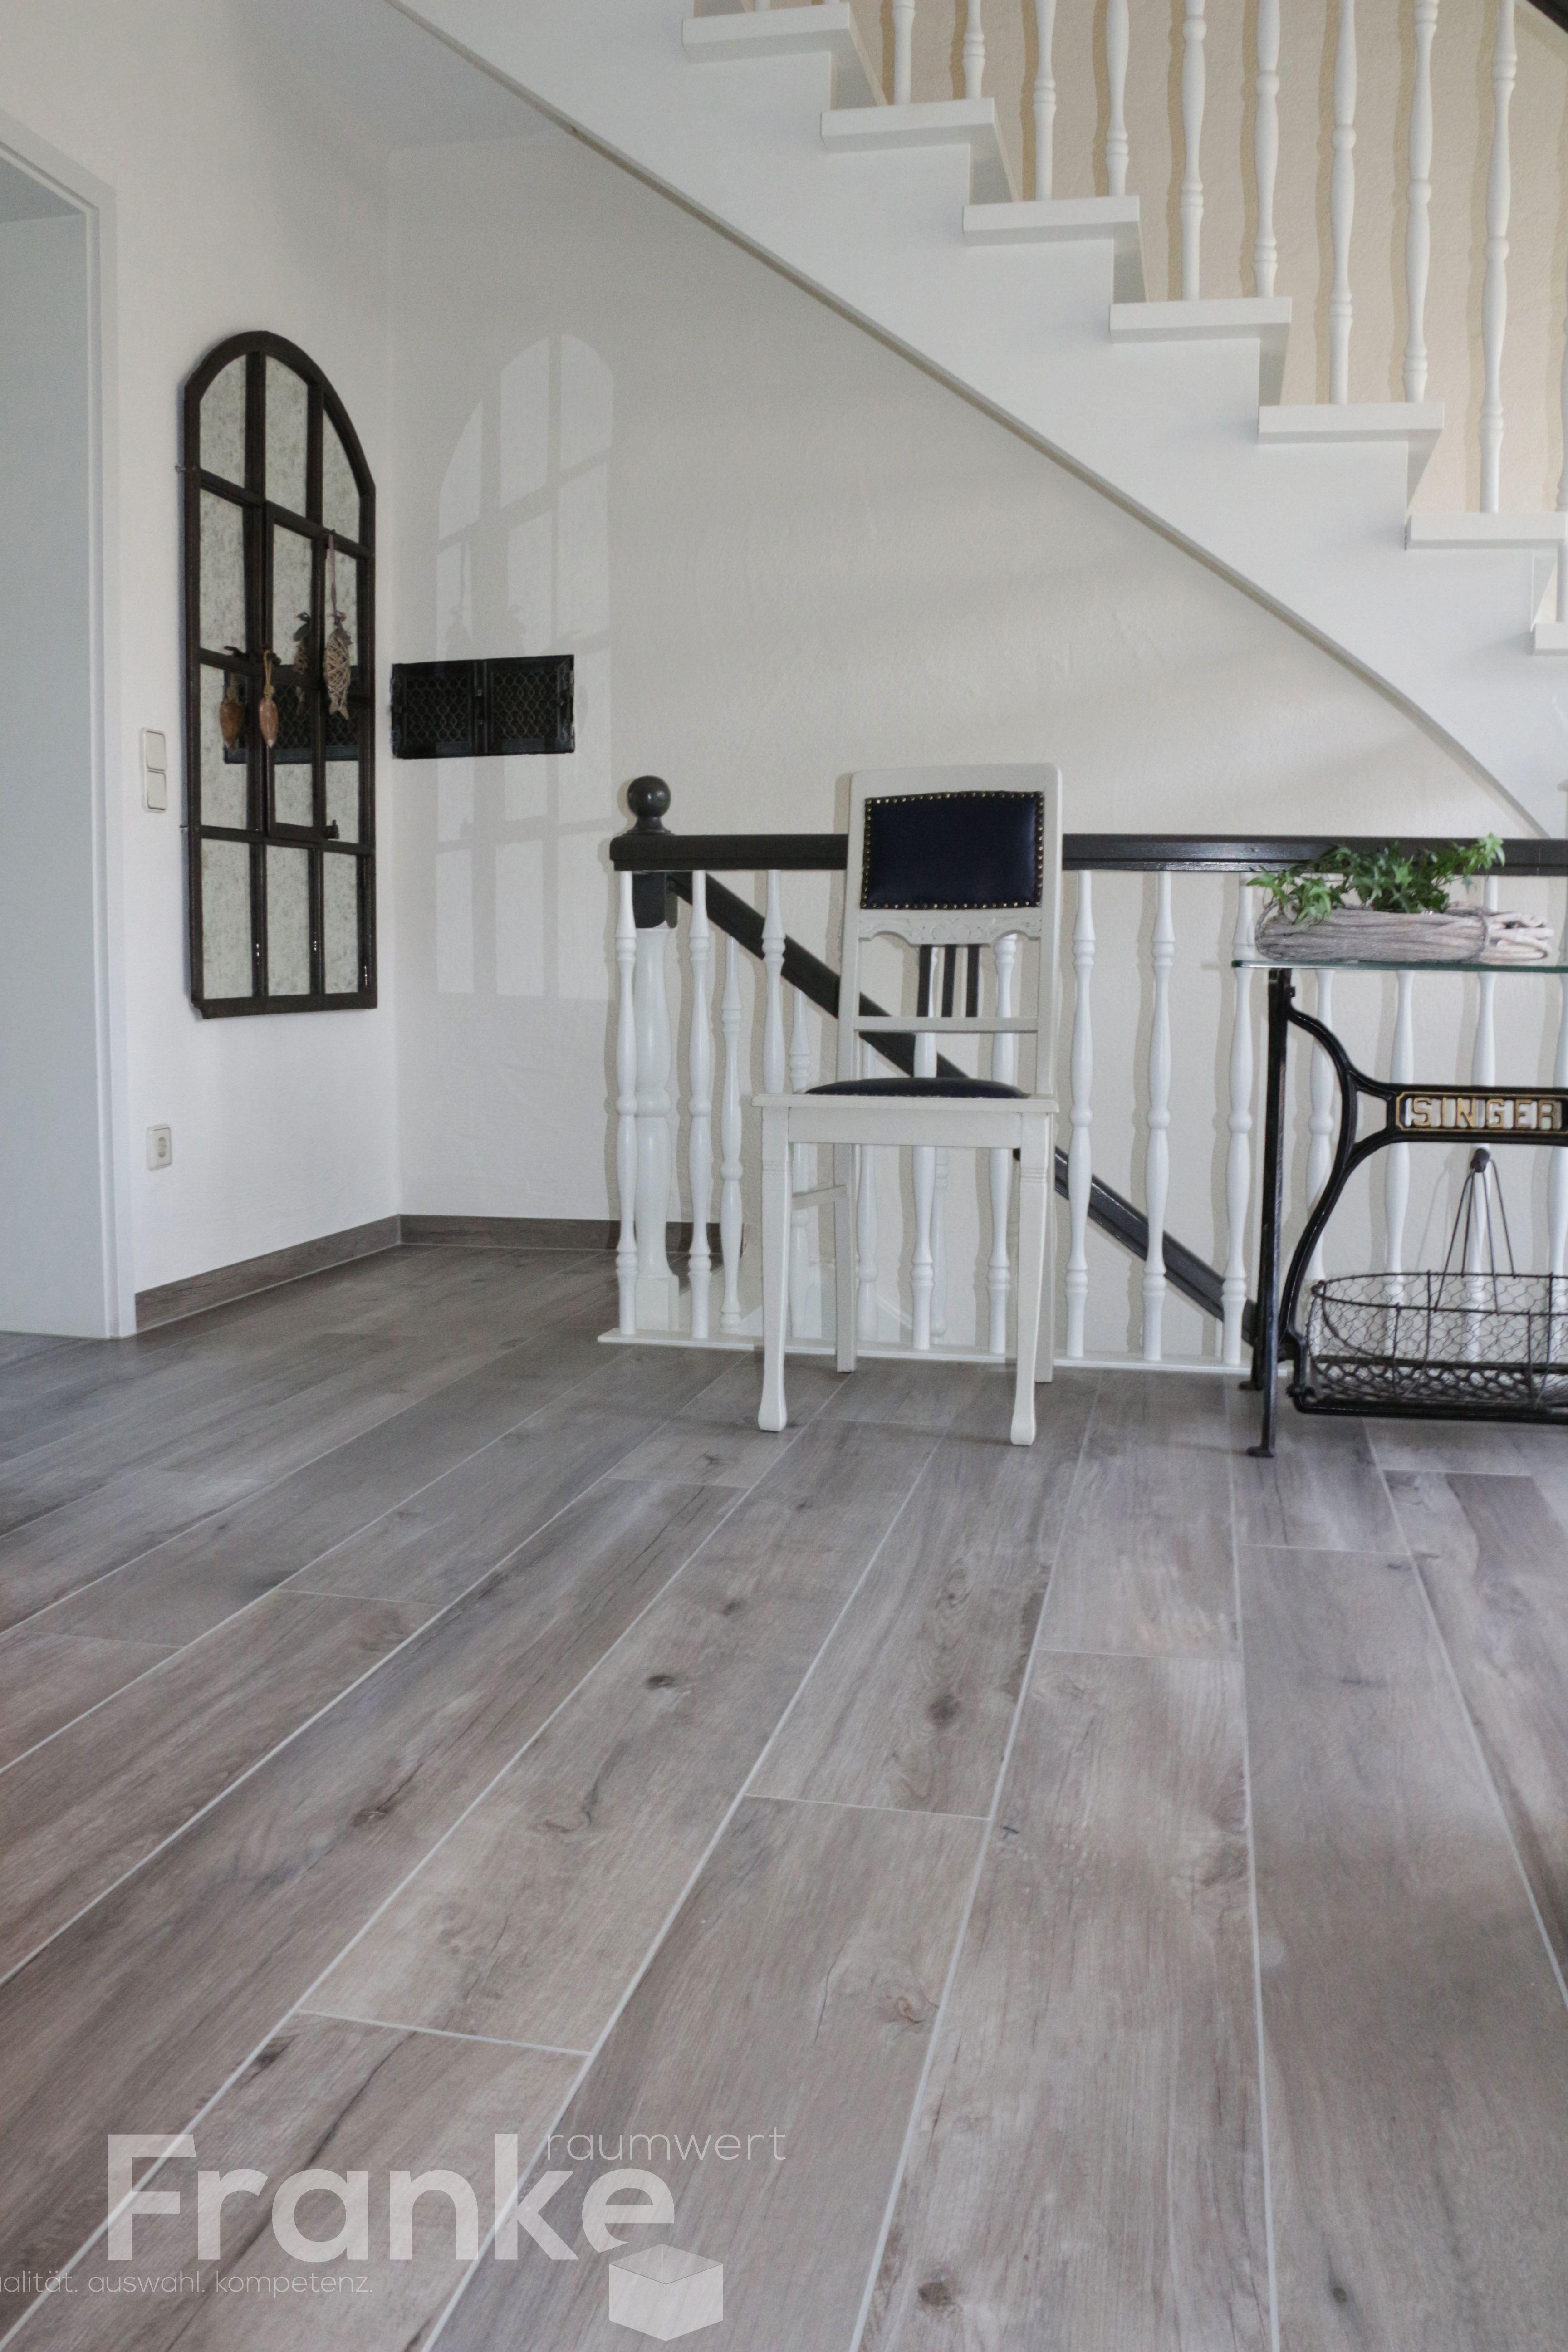 Casatiles AMAZON Bodenfliese grigio 20x170 cm  Trend  Holzfliesen  Haus Fliesen Graue